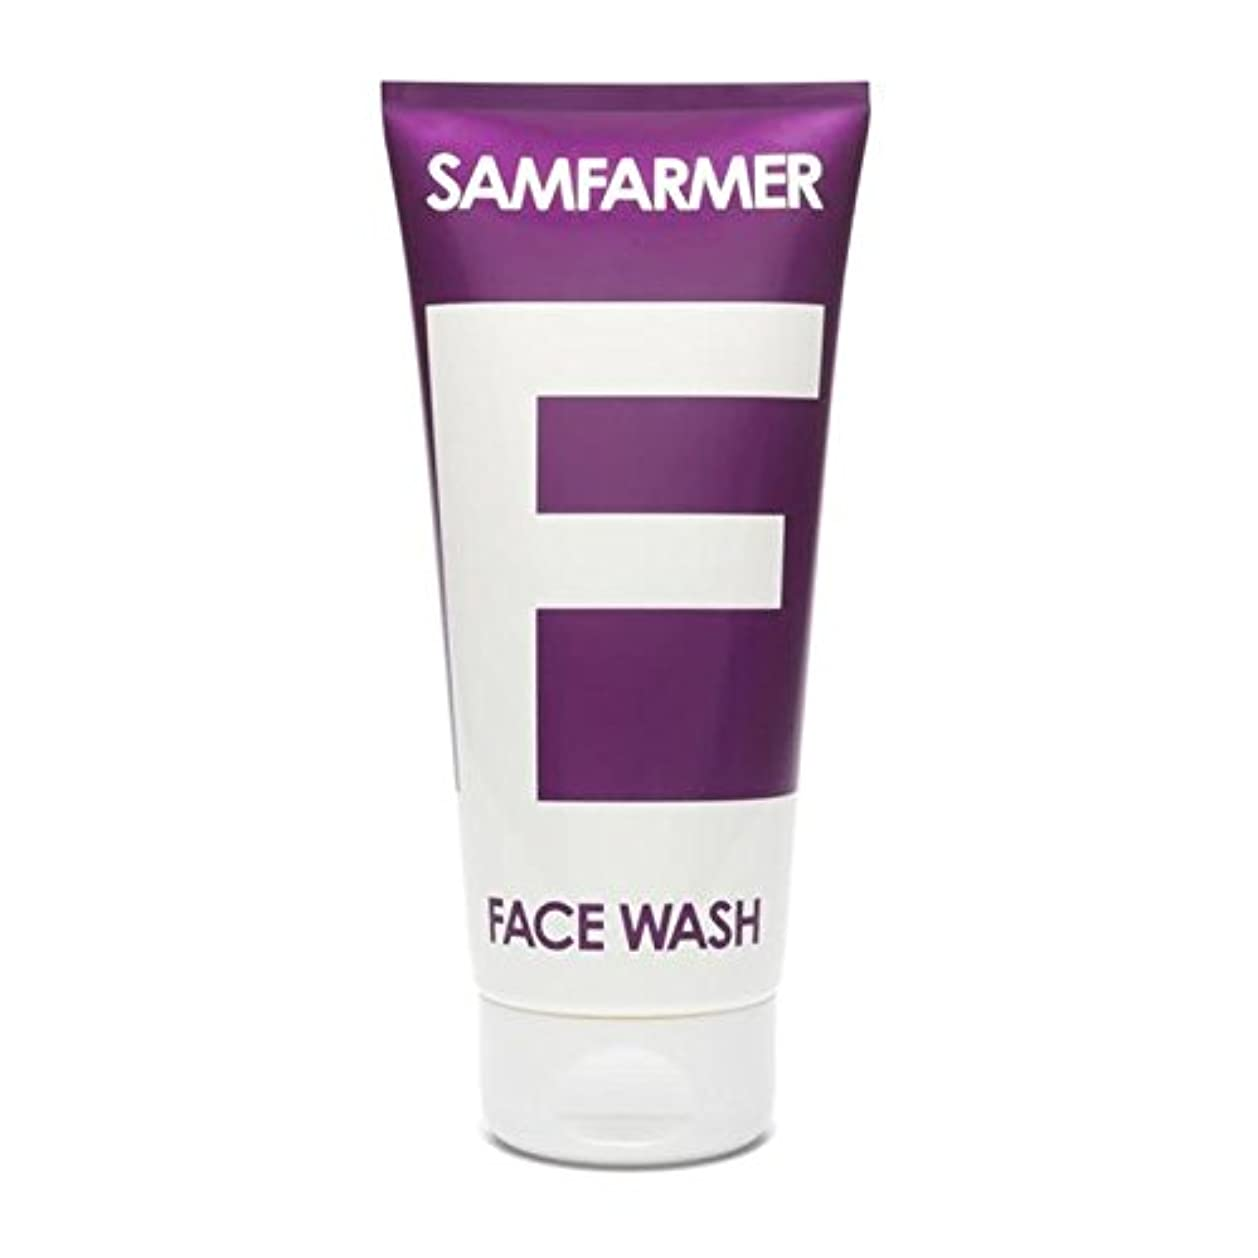 変換する目覚める世辞ユニセックスフェイスウォッシュ200ミリリットル x4 - SAMFARMER Unisex Face Wash 200ml (Pack of 4) [並行輸入品]